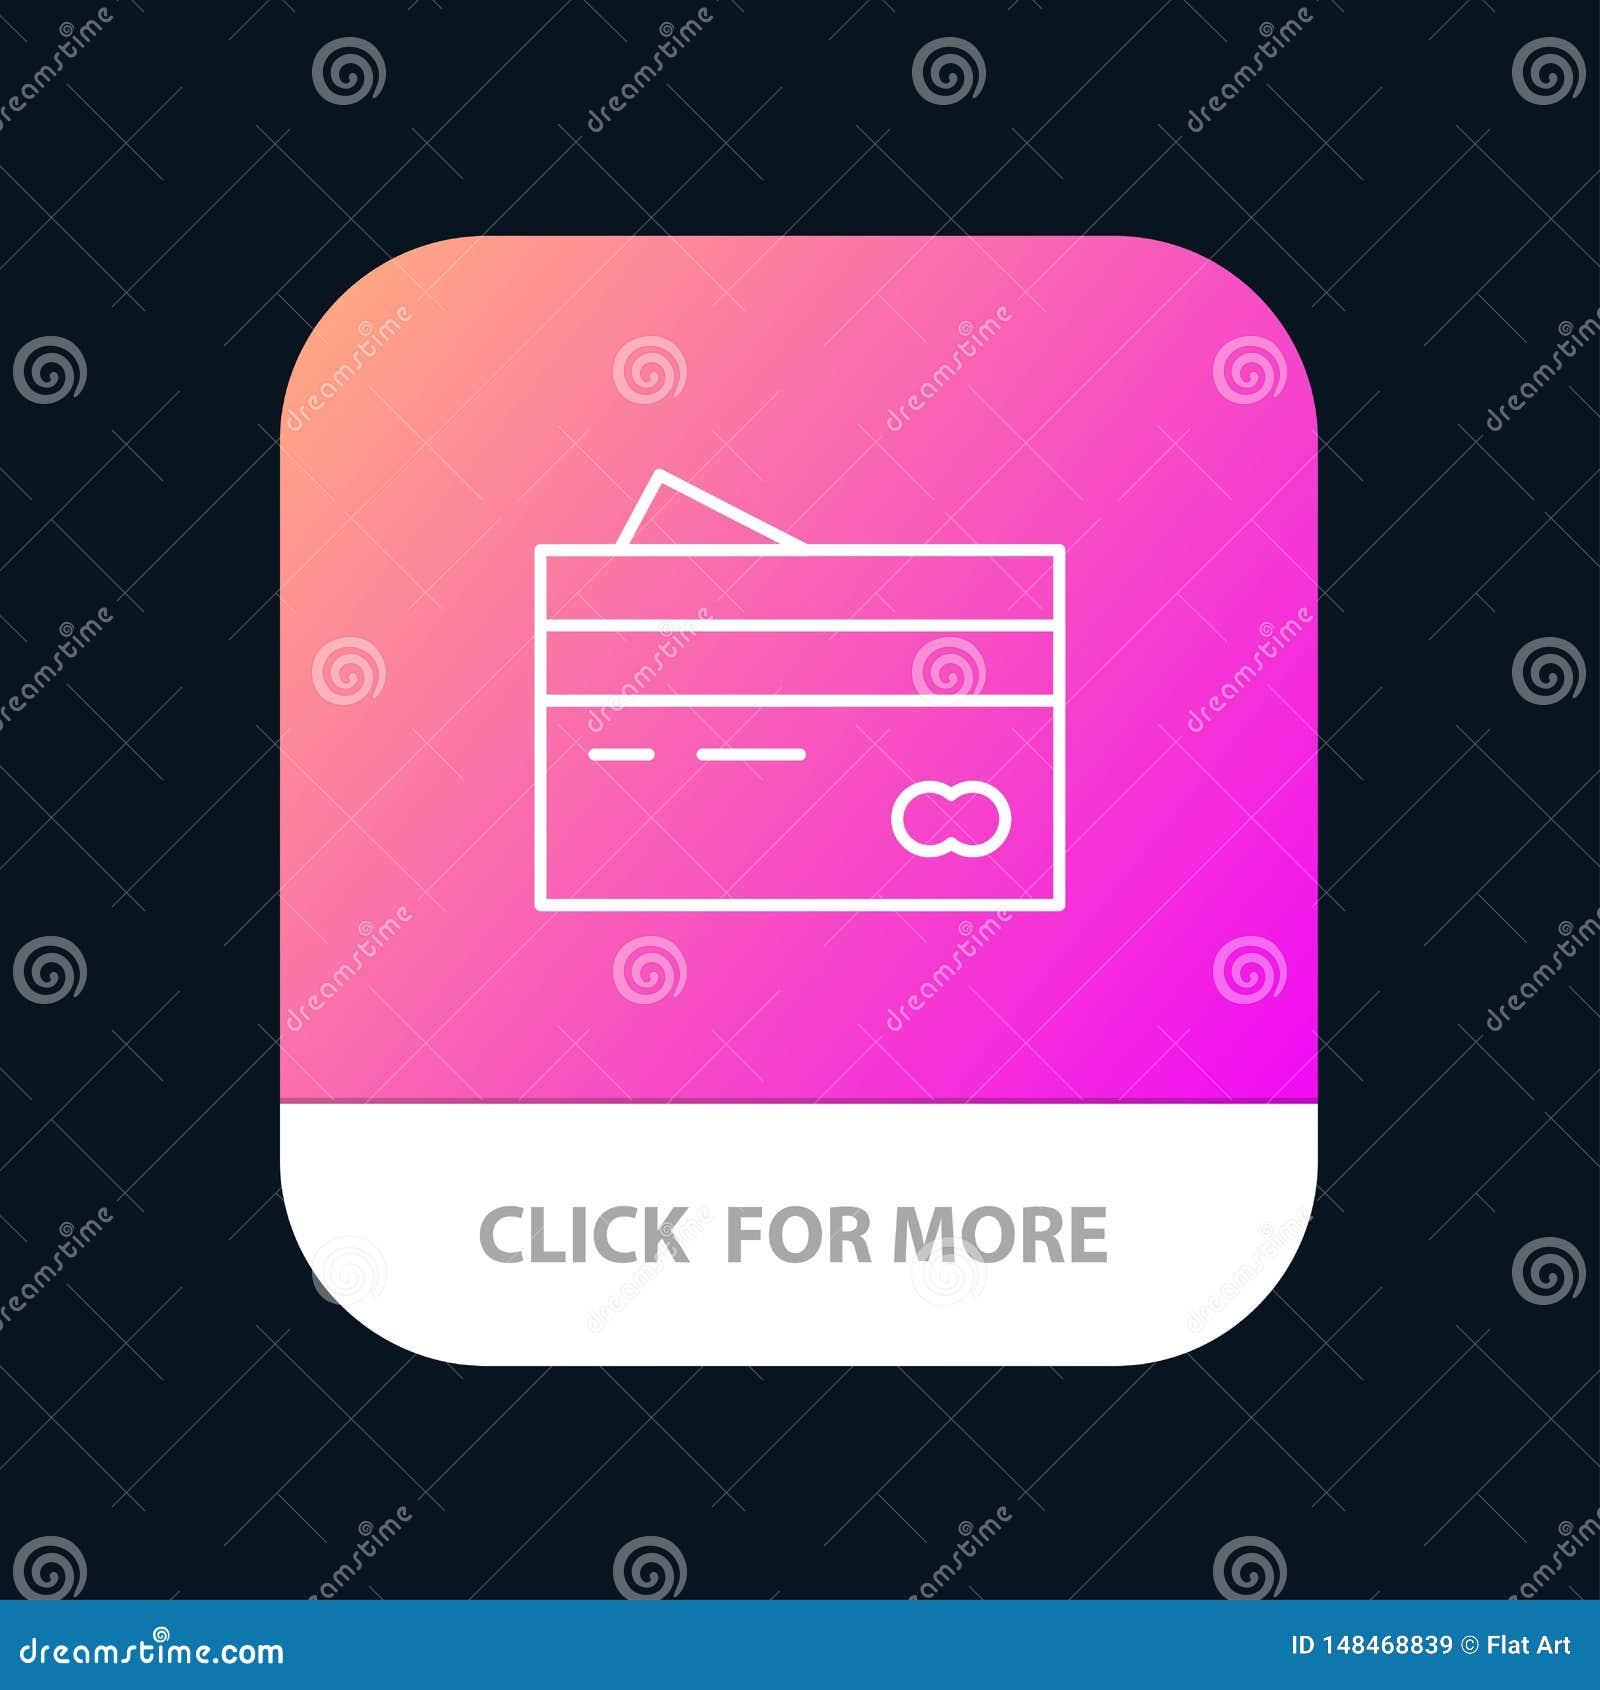 Кредитная карточка, банк, карта, карты, кредит, финансы, деньги, кнопка приложения покупок мобильная Андроид и линия версия IOS